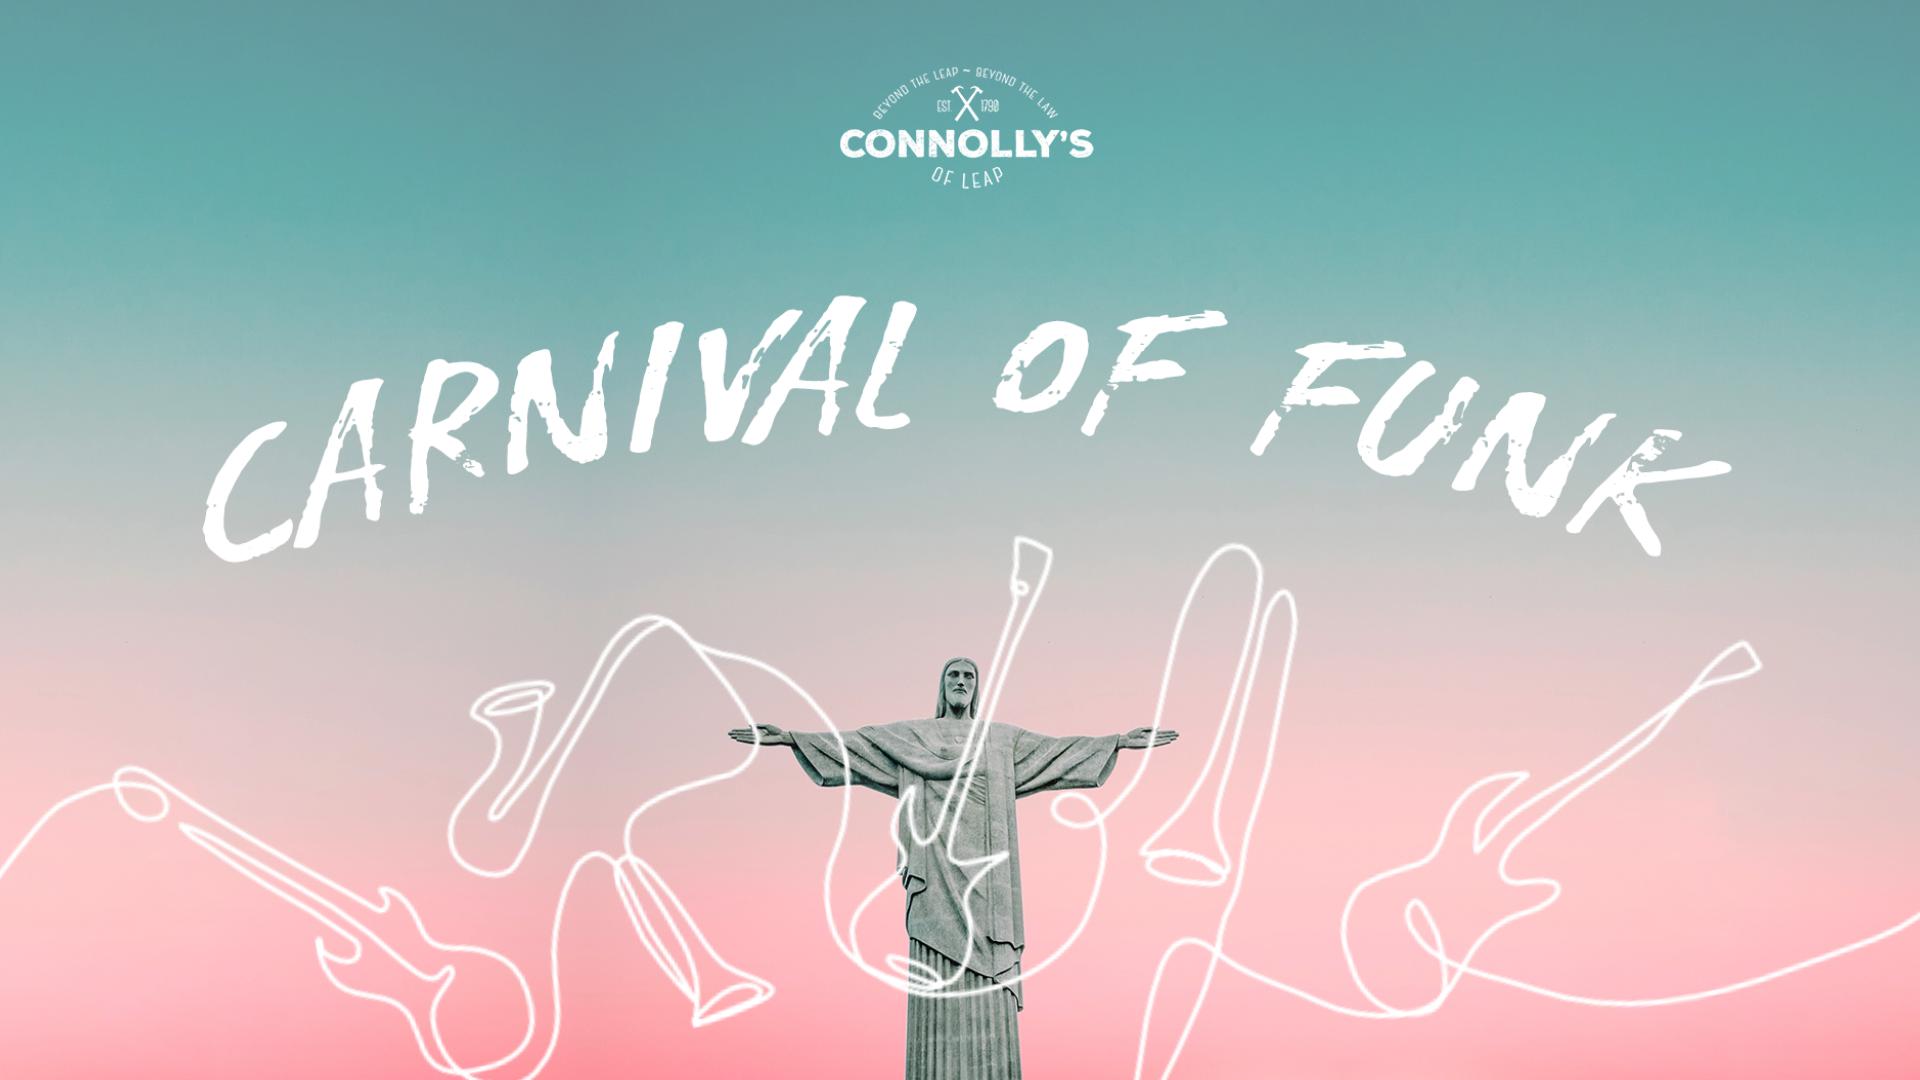 Carnival of Funk - Facebook.png